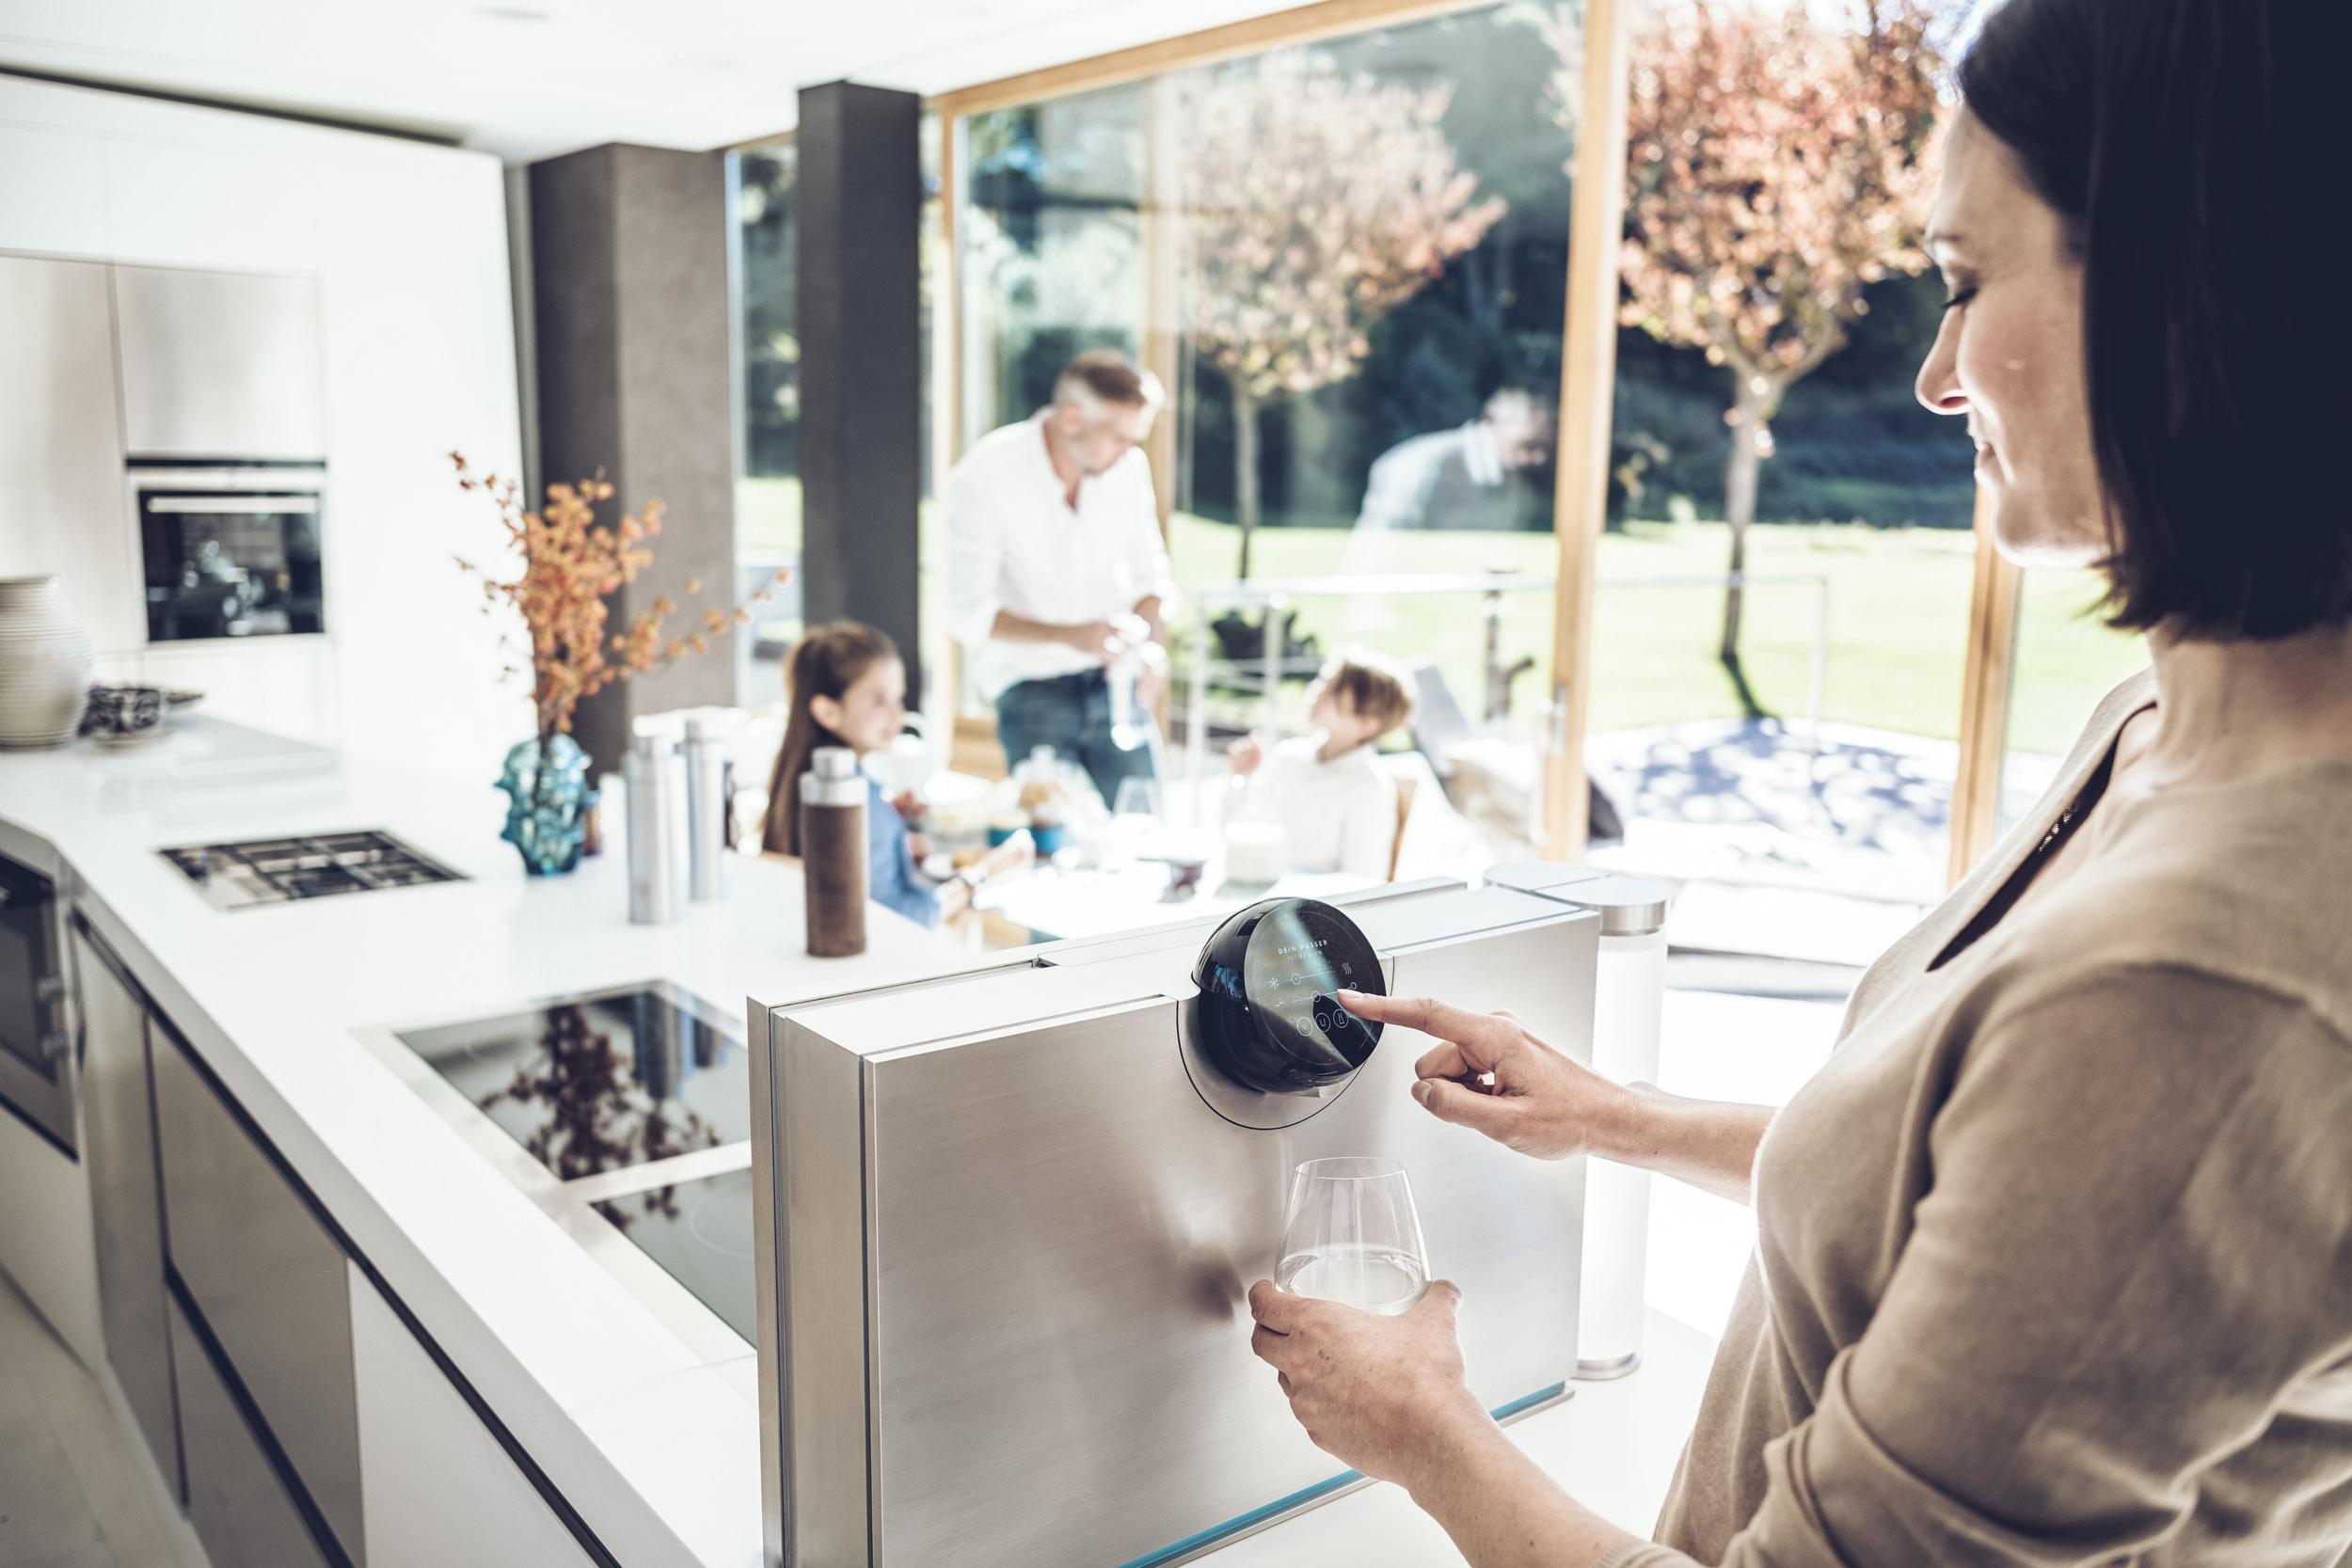 2019-SeifertUebler-luqel-lifestyle-002.jpg